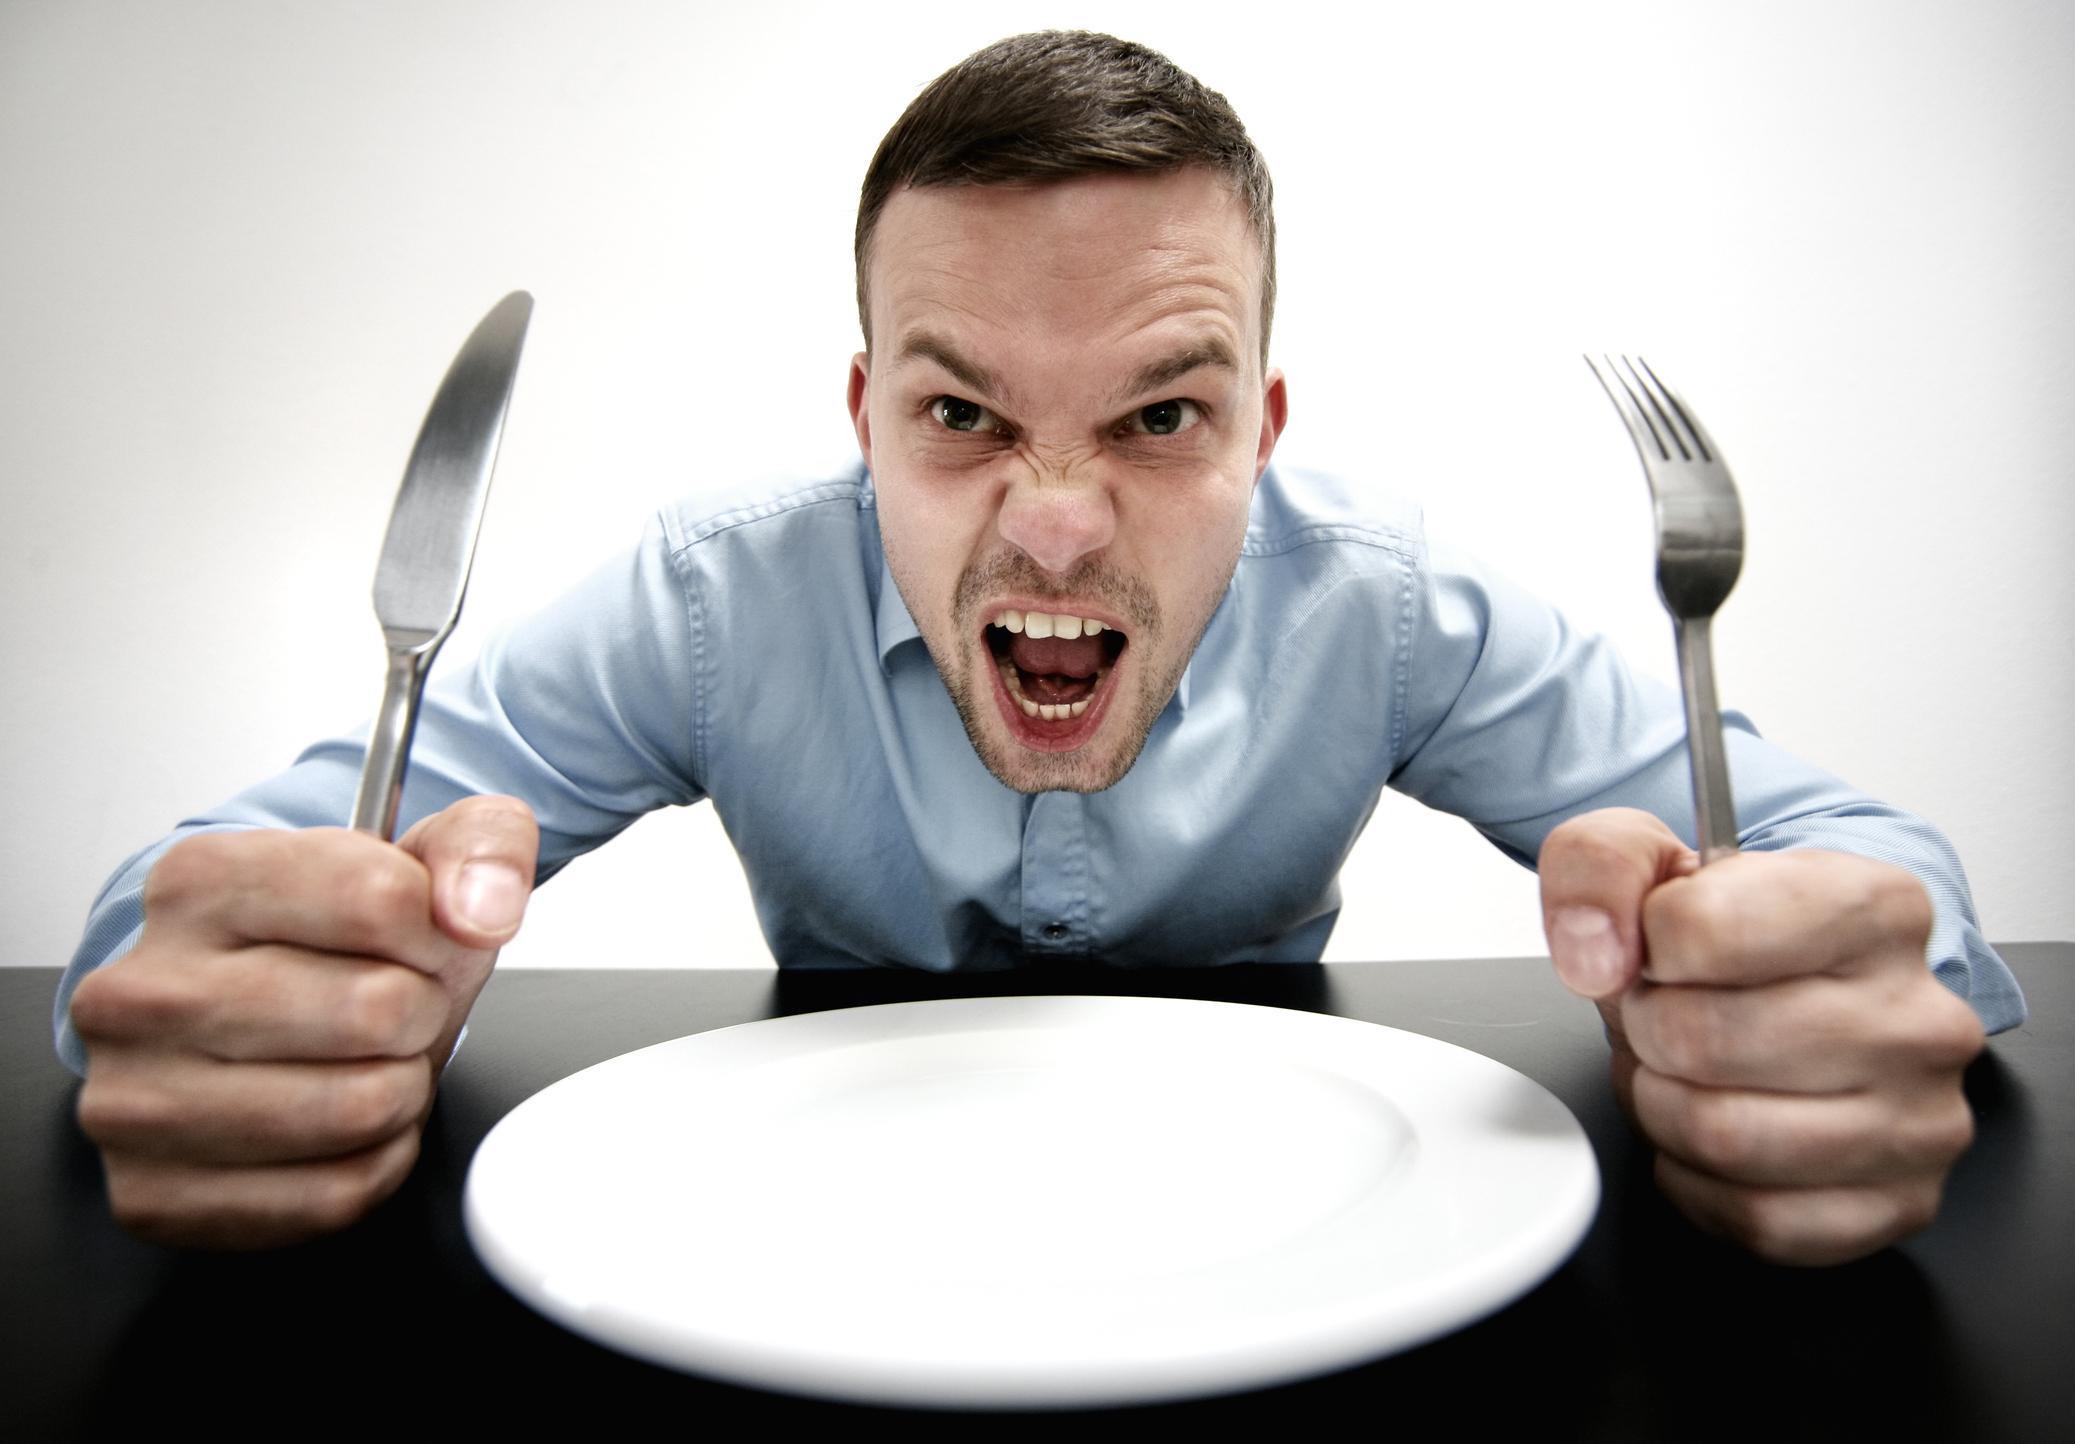 Hoimbre frente a un plato de comida vacío